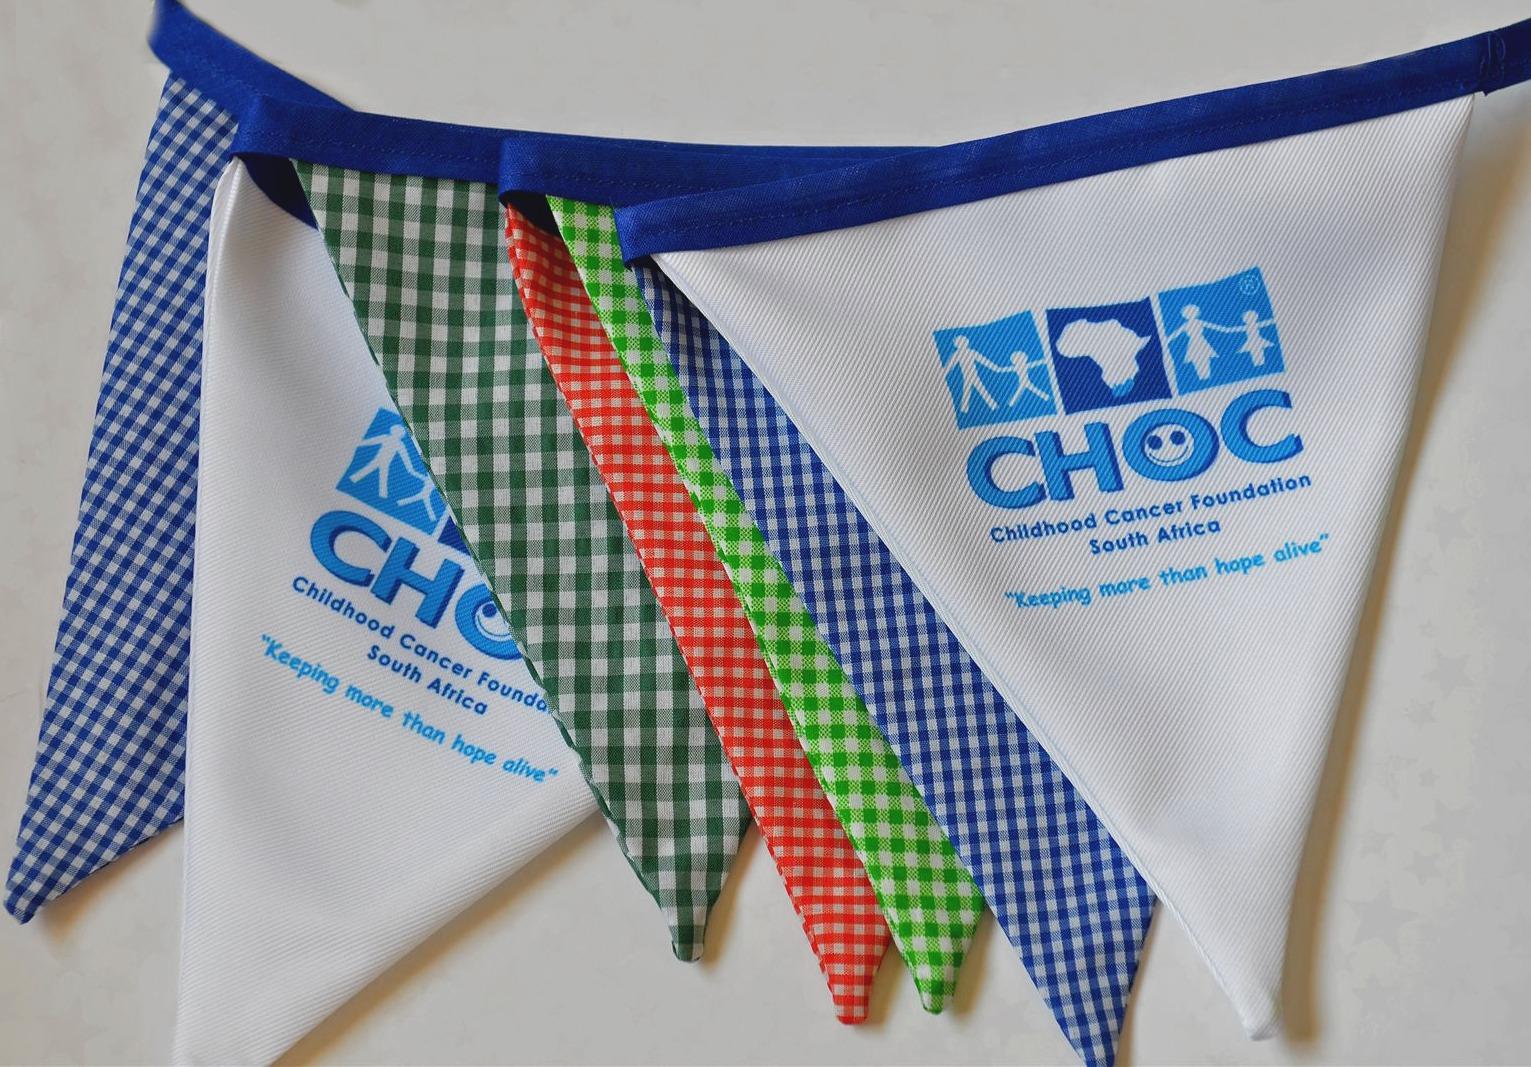 Childhood Cancer Foundation SA